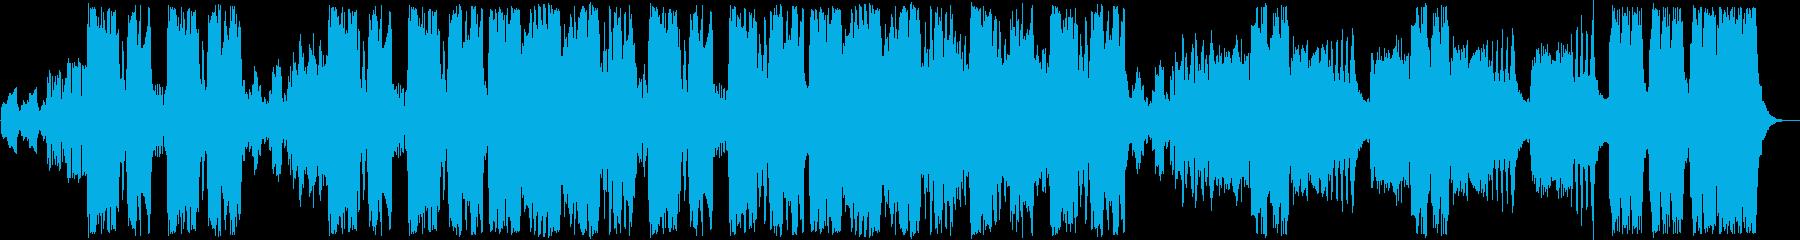 結婚行進曲/メンデルスゾーンの再生済みの波形